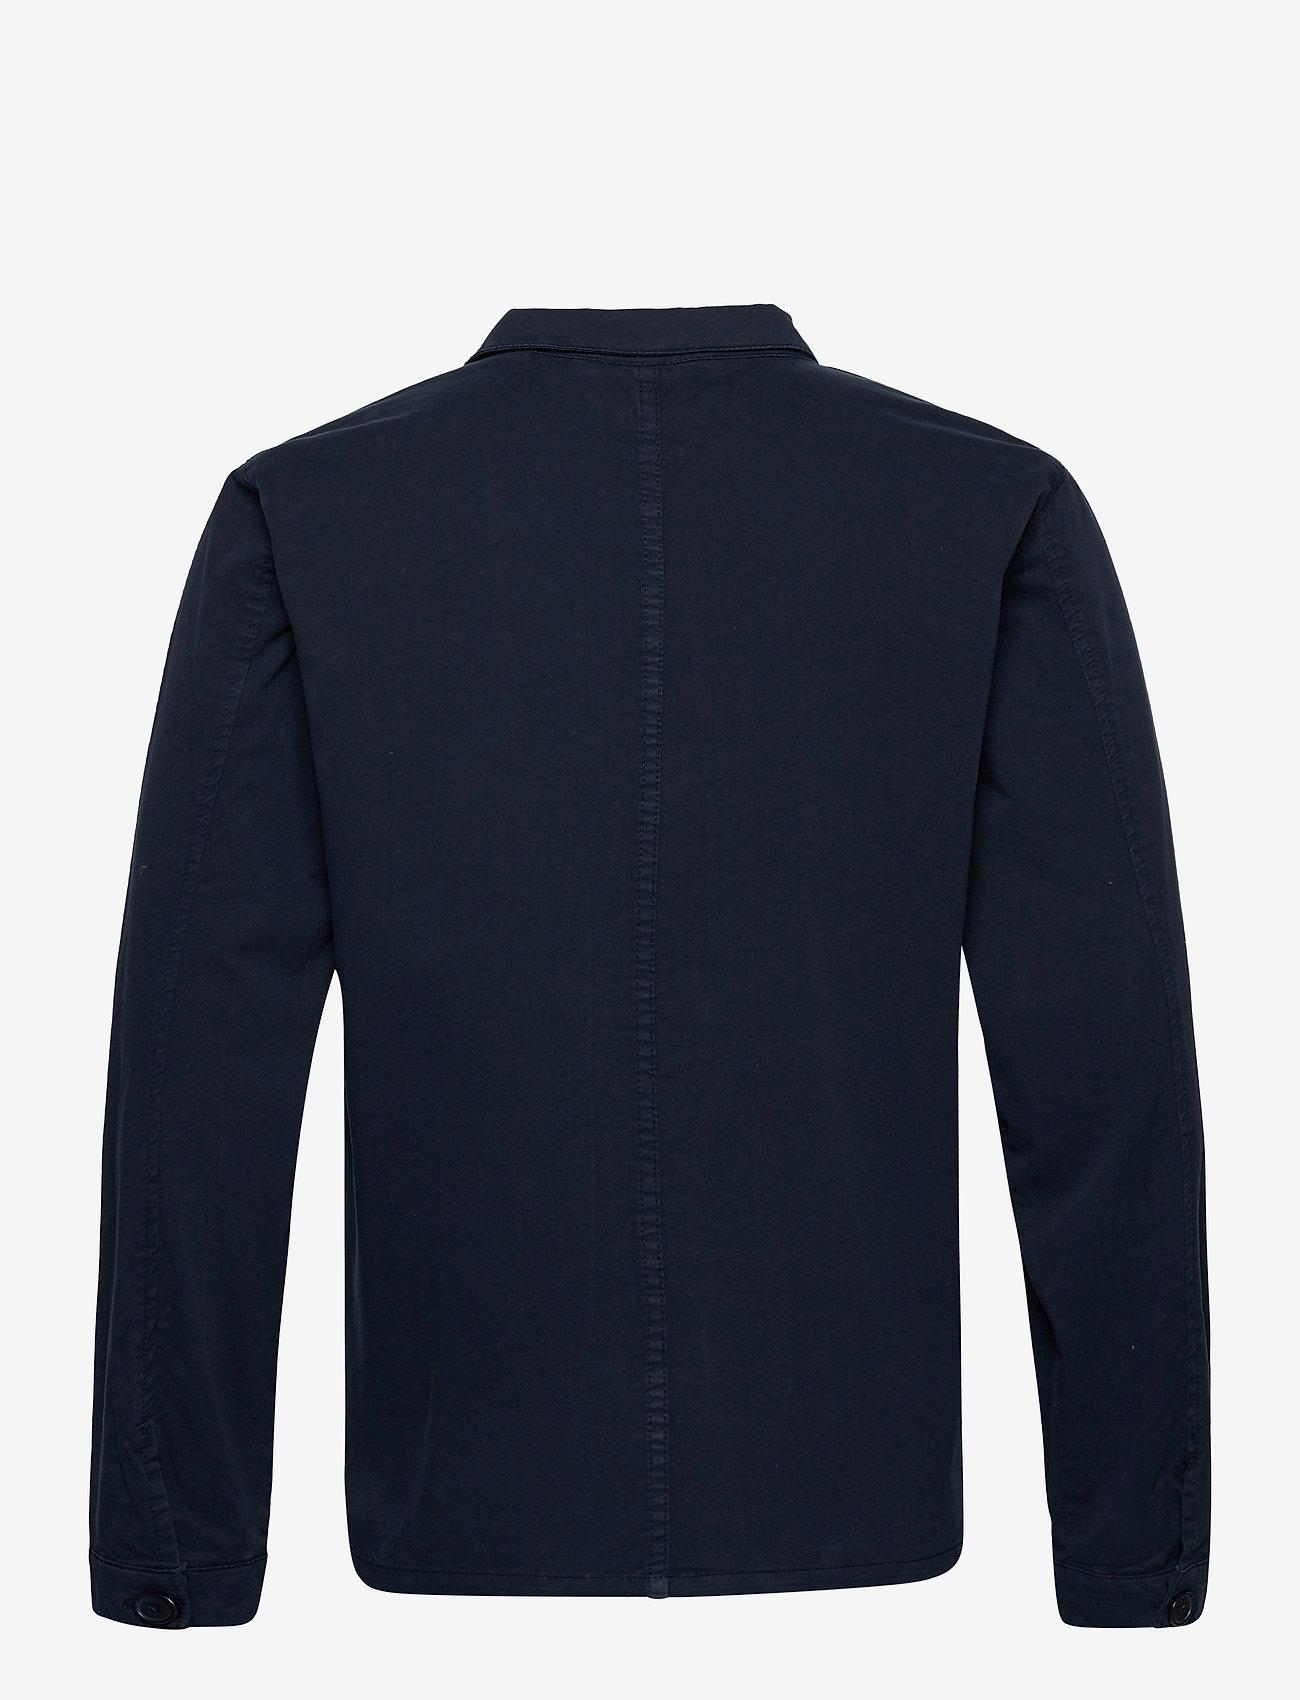 By Garment Makers - The Organic Workwear Jacket - odzież - navy blazer - 2